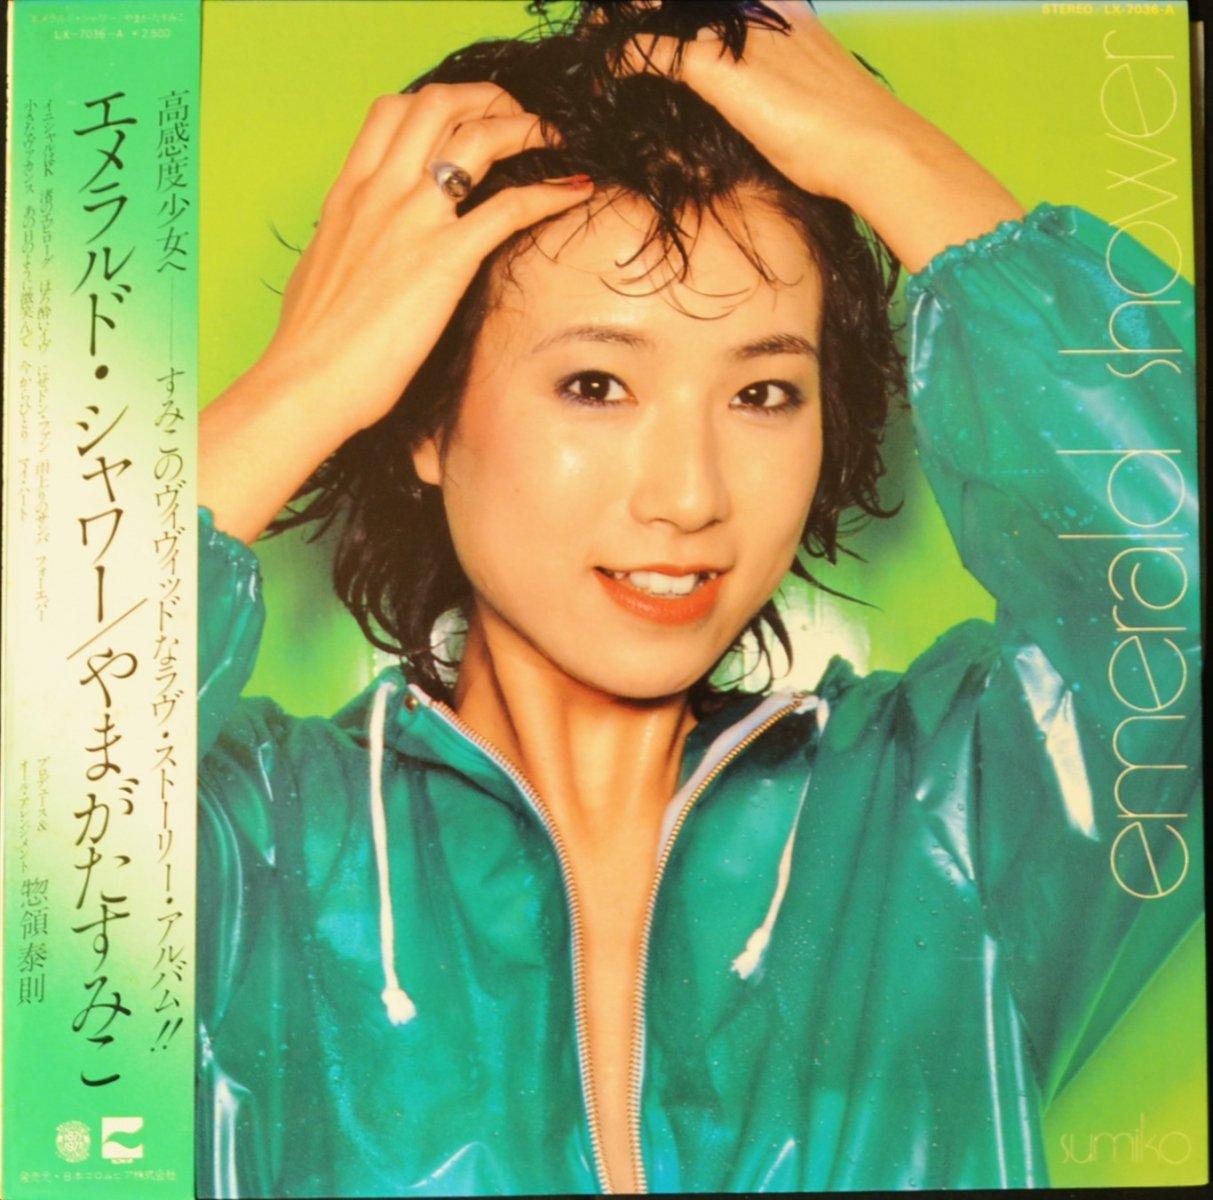 やまがたすみこ SUMIKO YAMAGATA / エメラルド・シャワー EMERALD SHOWER (LP)